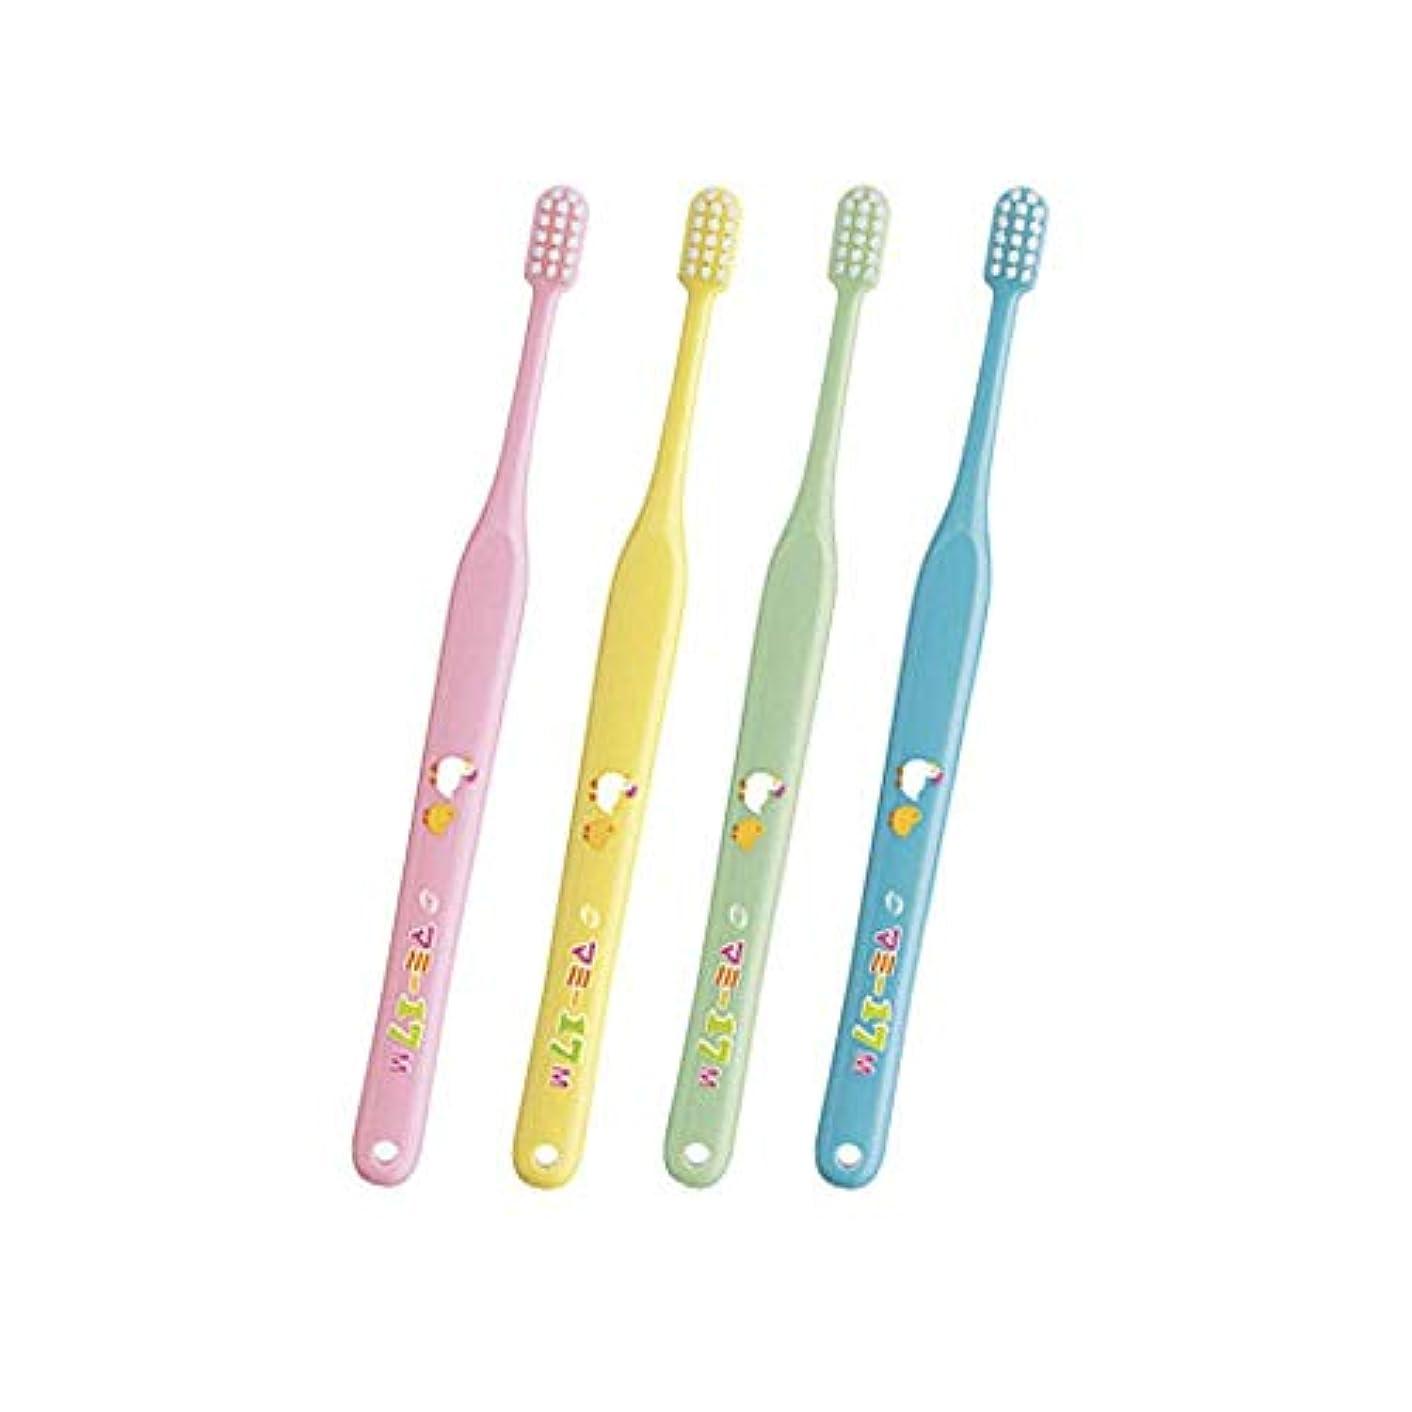 届ける対角線起きているオーラルケア マミー17歯ブラシ 10本 アソート ミディアム(M)